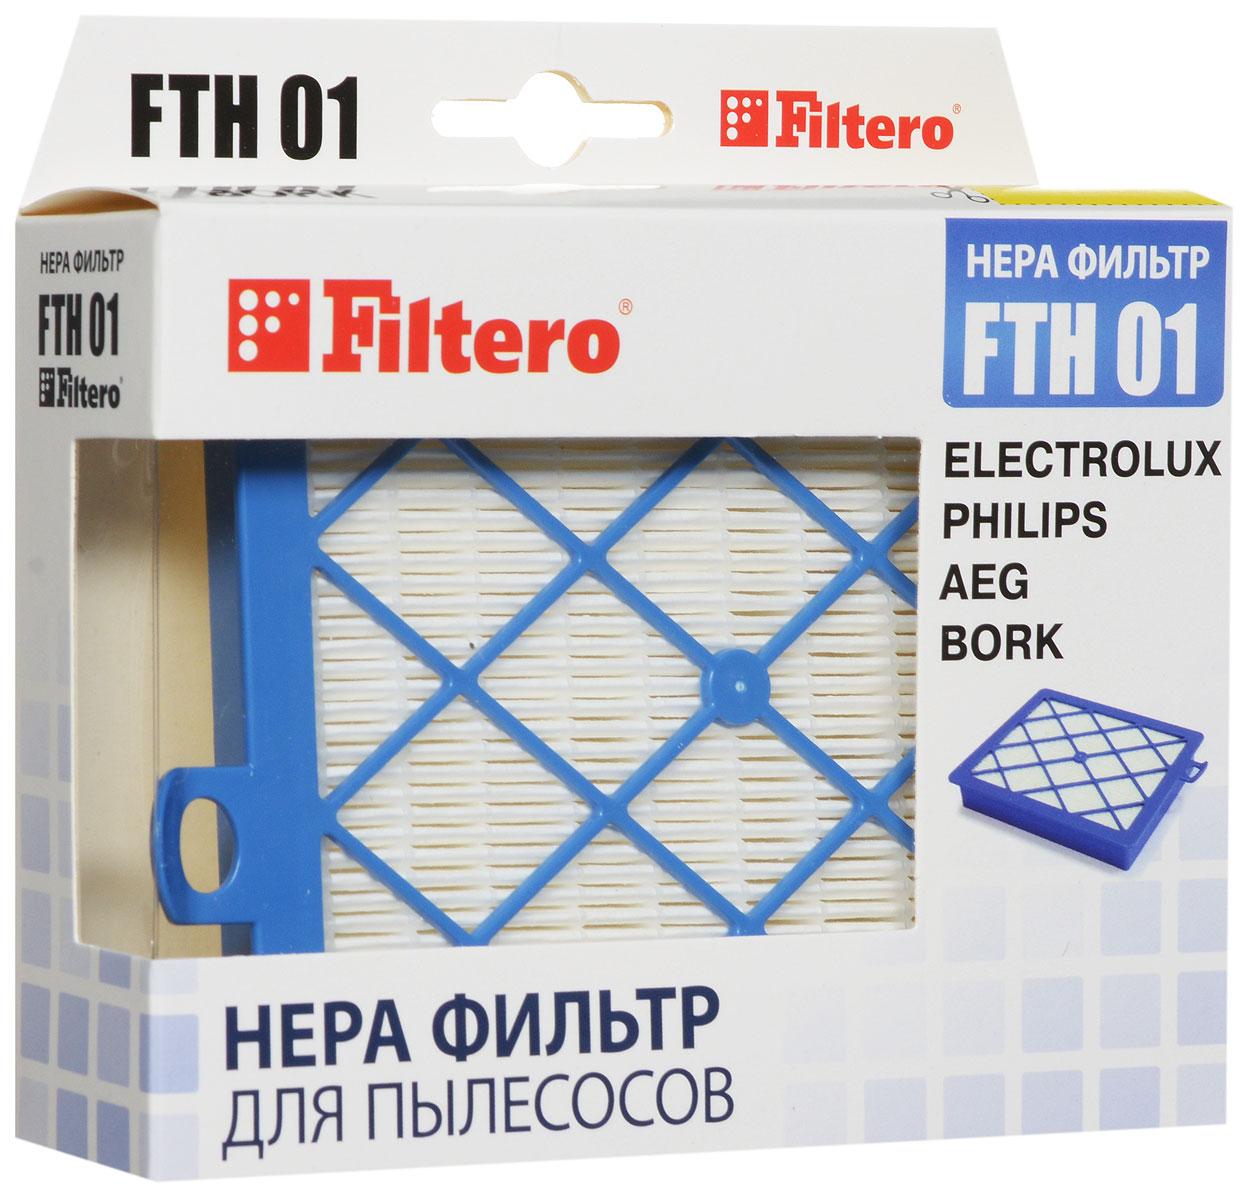 Filtero FTH 01 ELX Hepa-фильтр для Electrolux, Philips набор фильтров filtero fth 32 mie hepa для miele